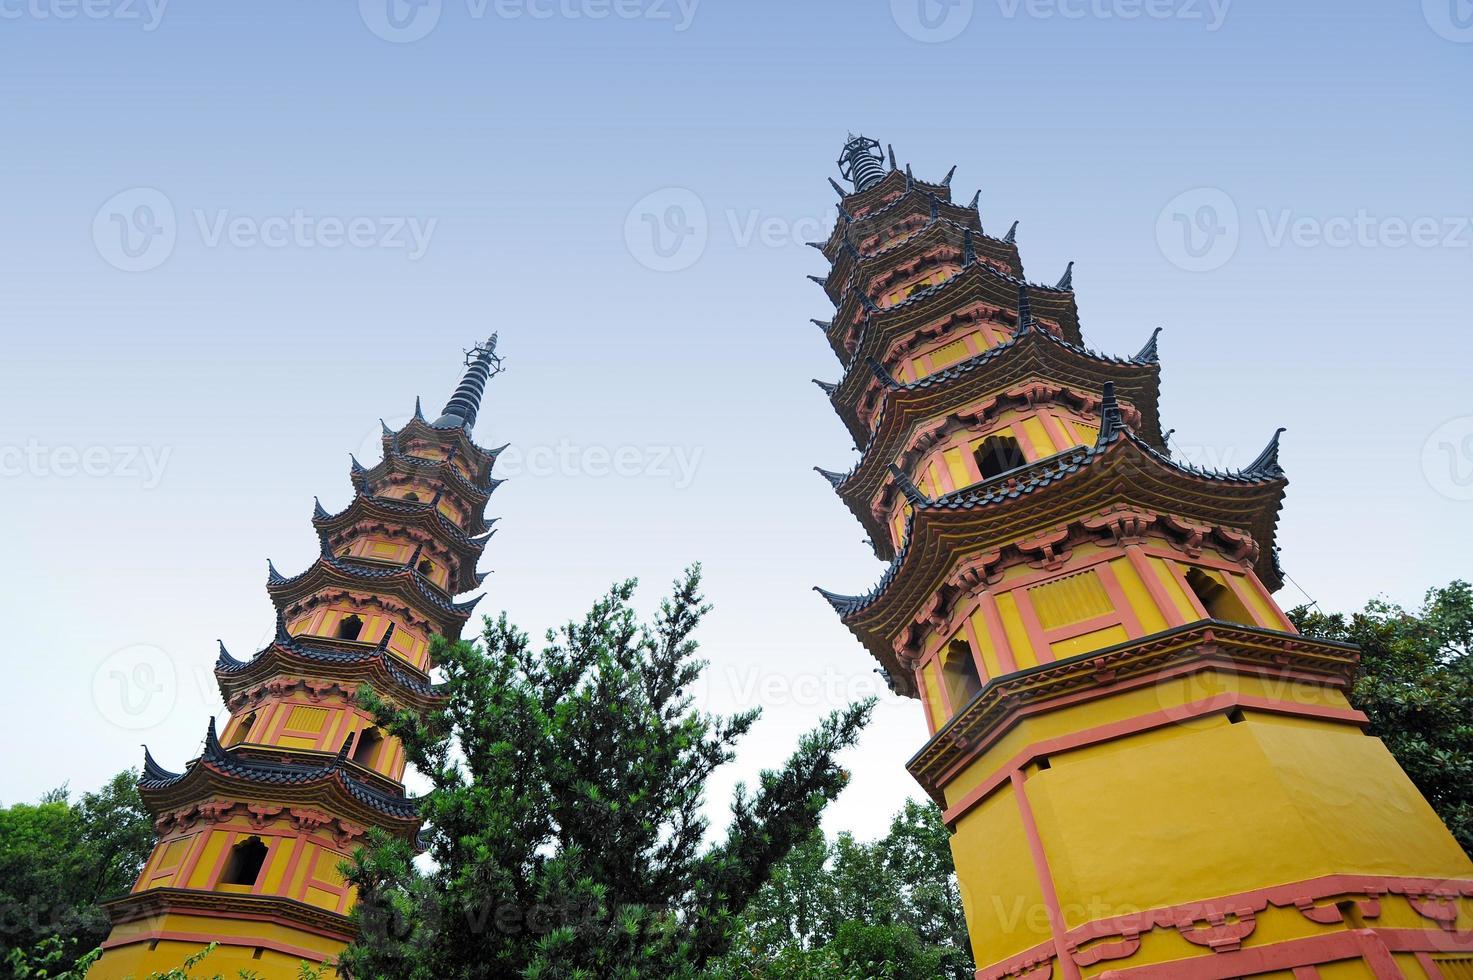 buddhistiska tvillingpagoder i Suzhou - Kina foto